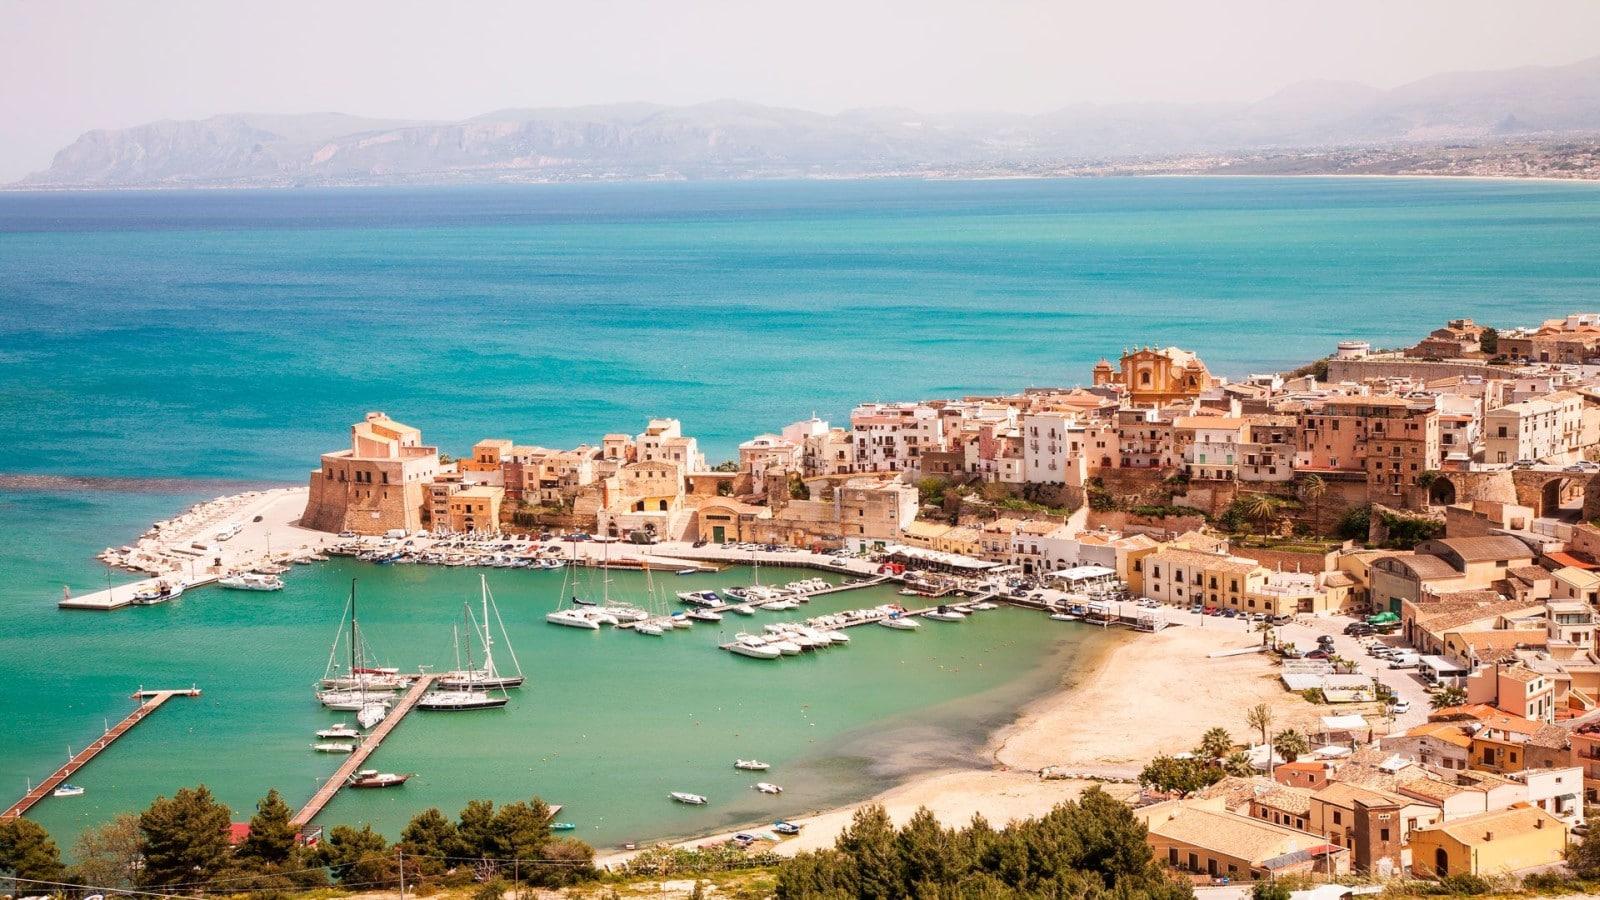 Castellammare del Golfo, lo studio Ro.K progetterà percorsi pedonali e terrazze sul mare